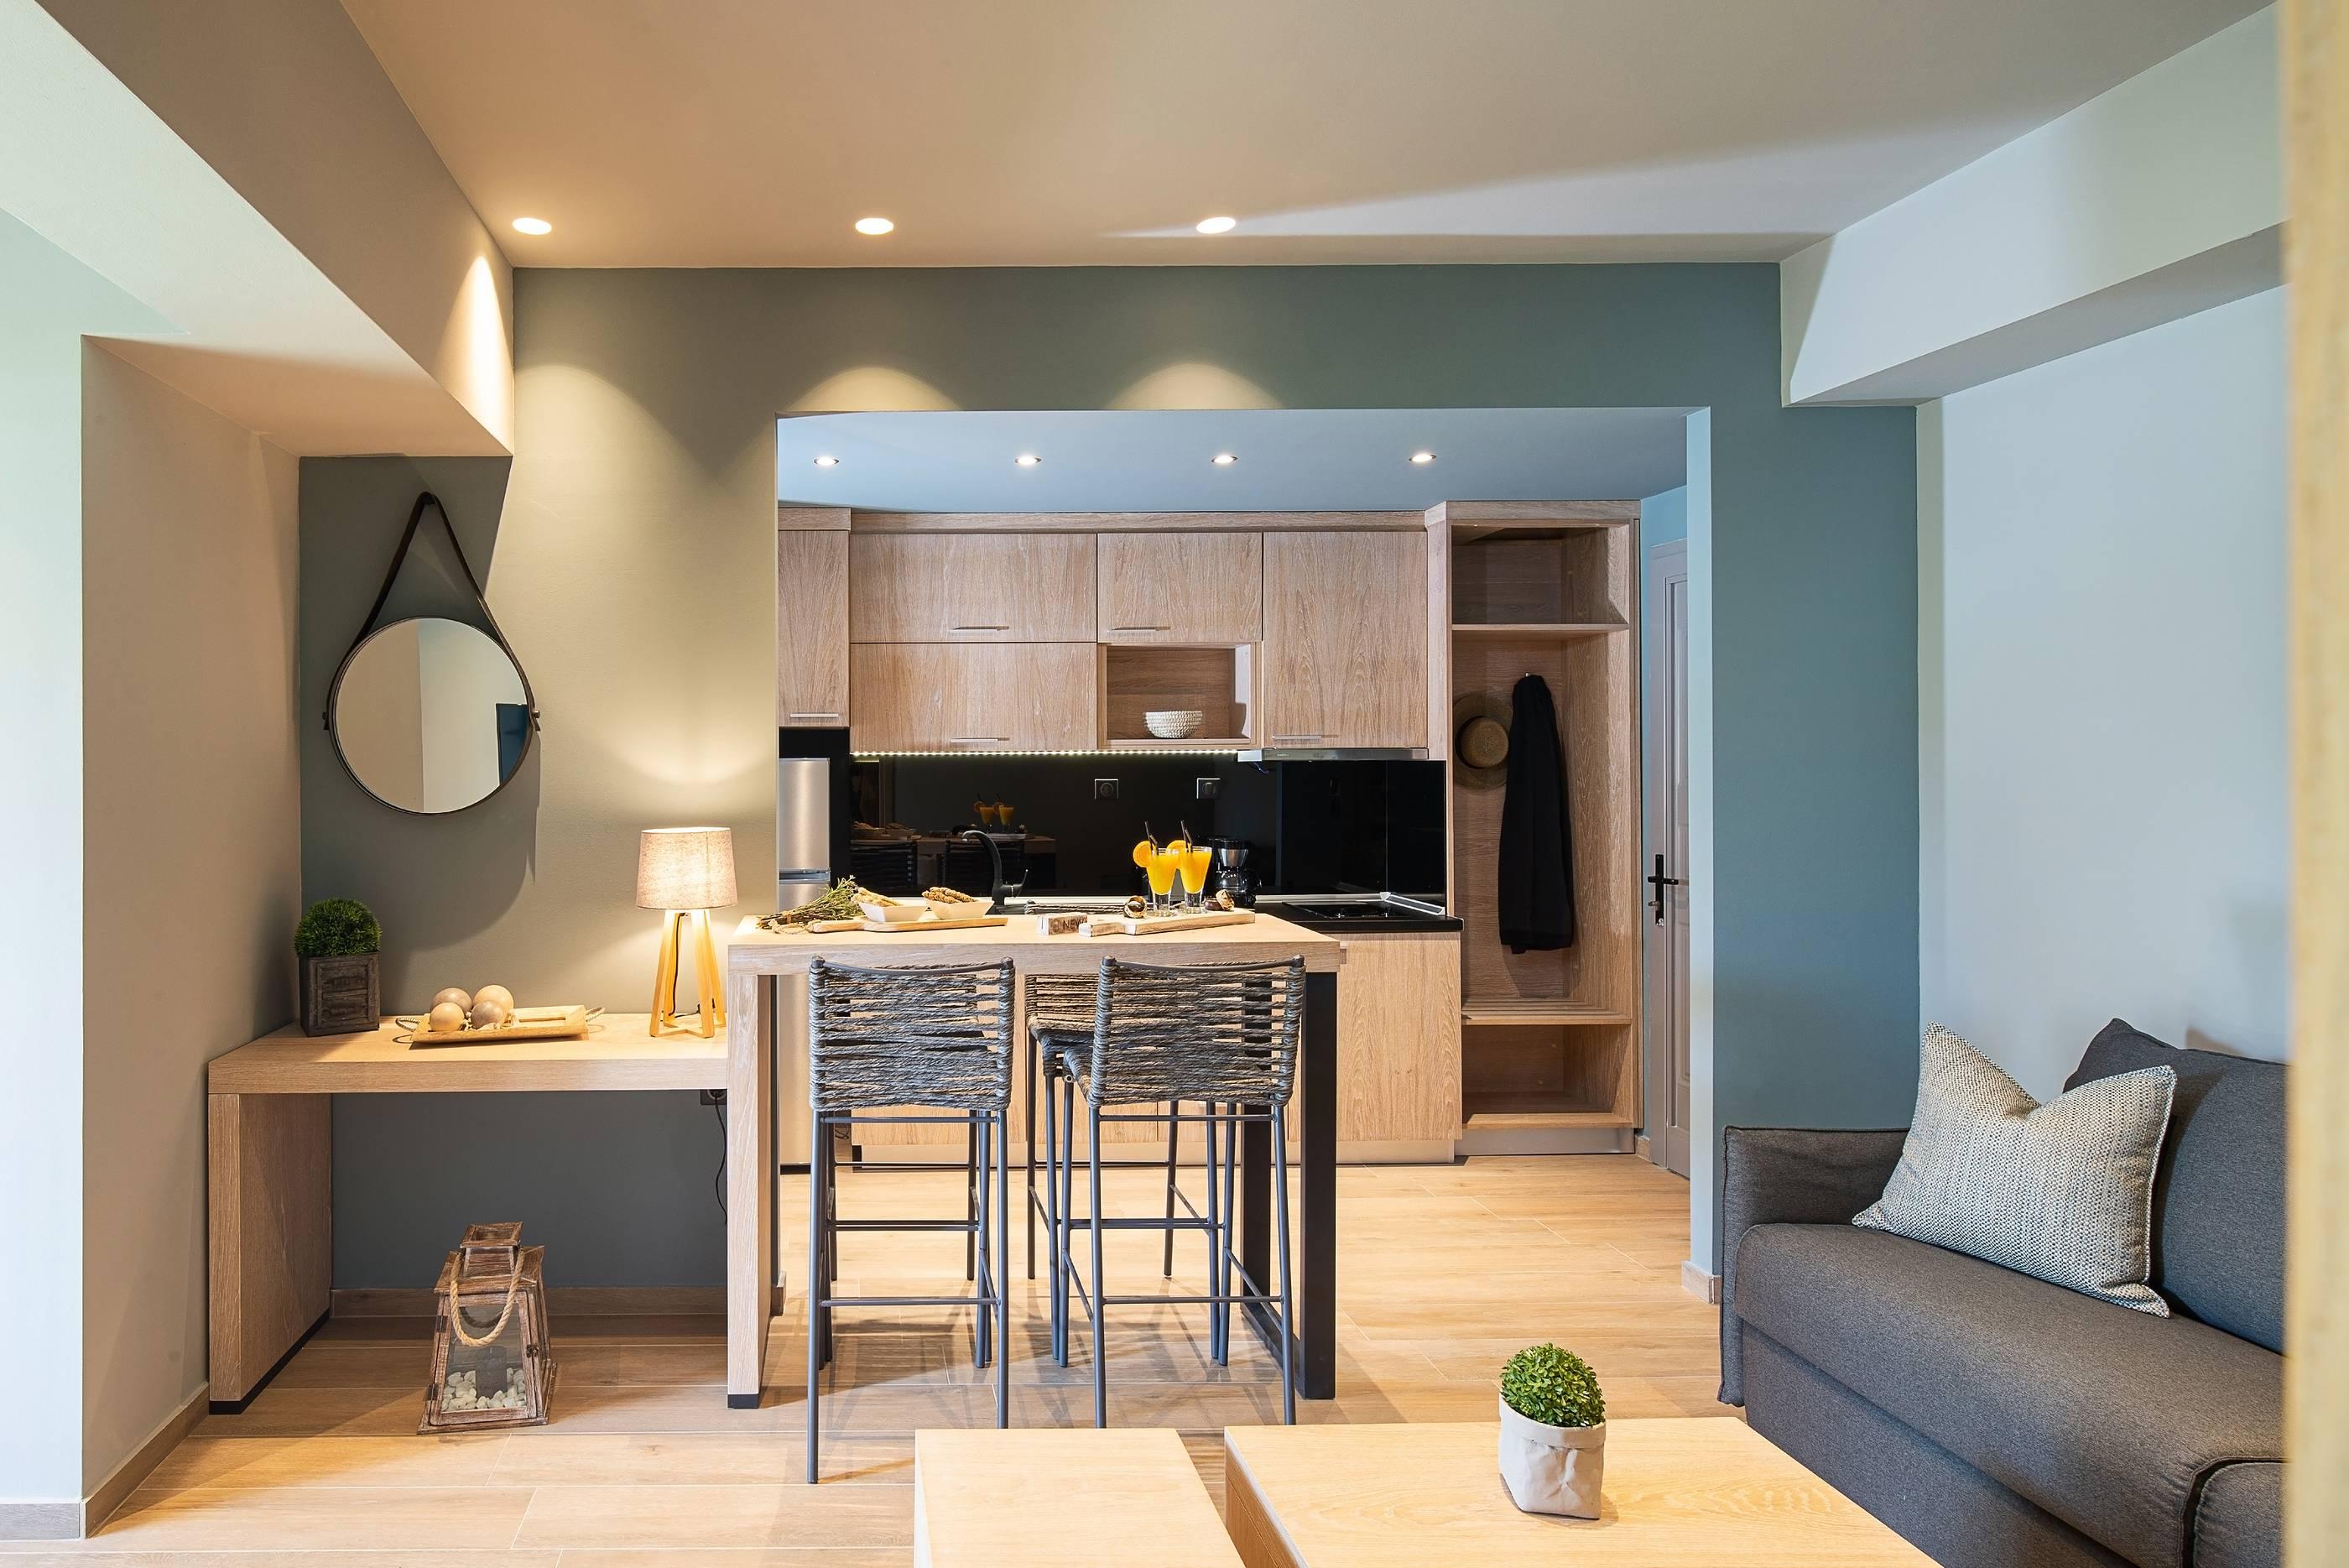 Cozinha integrada é item de desejo dos futuros compradores. Foto: Bigstock